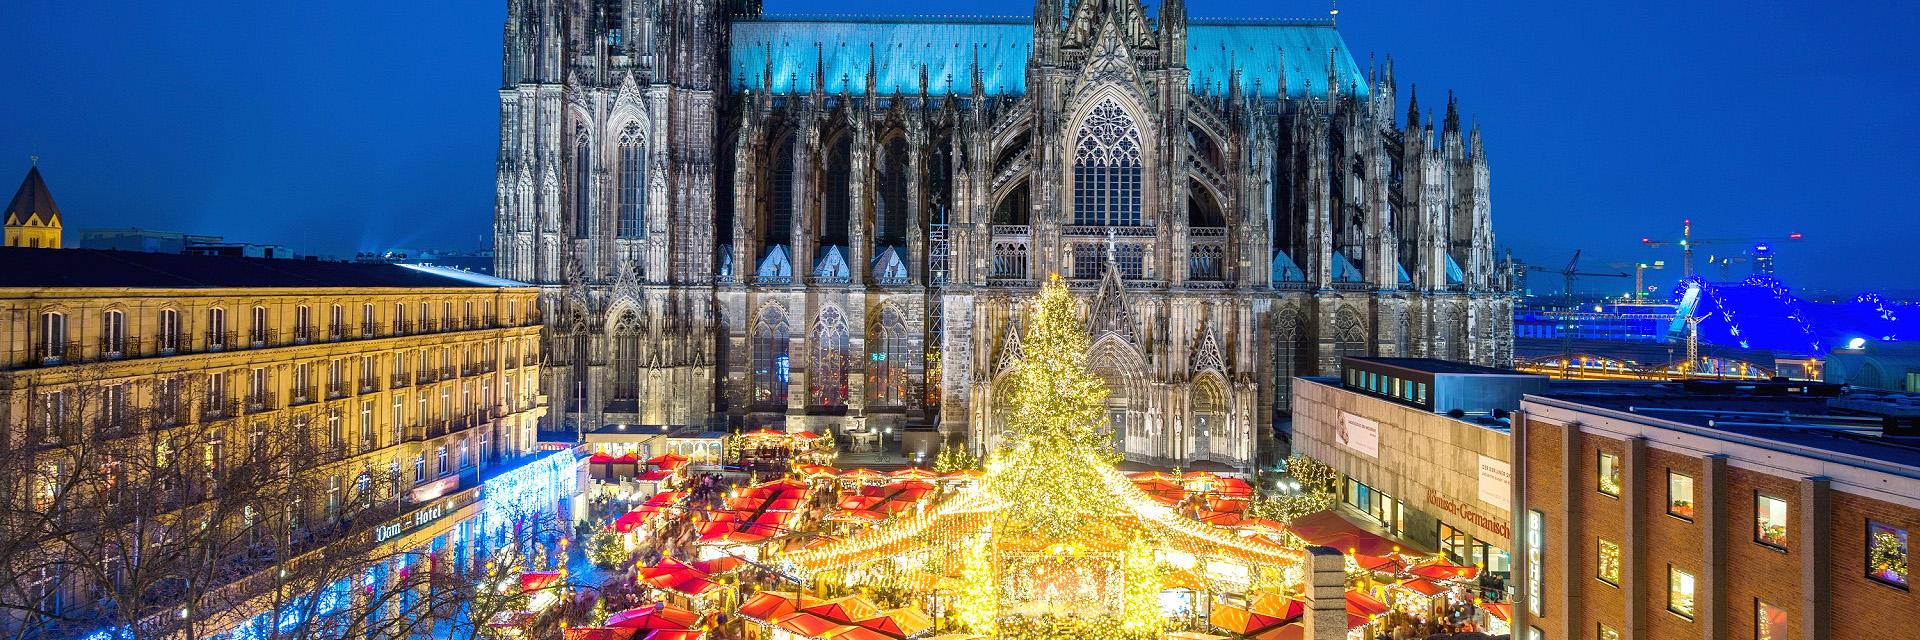 julemarked i koln